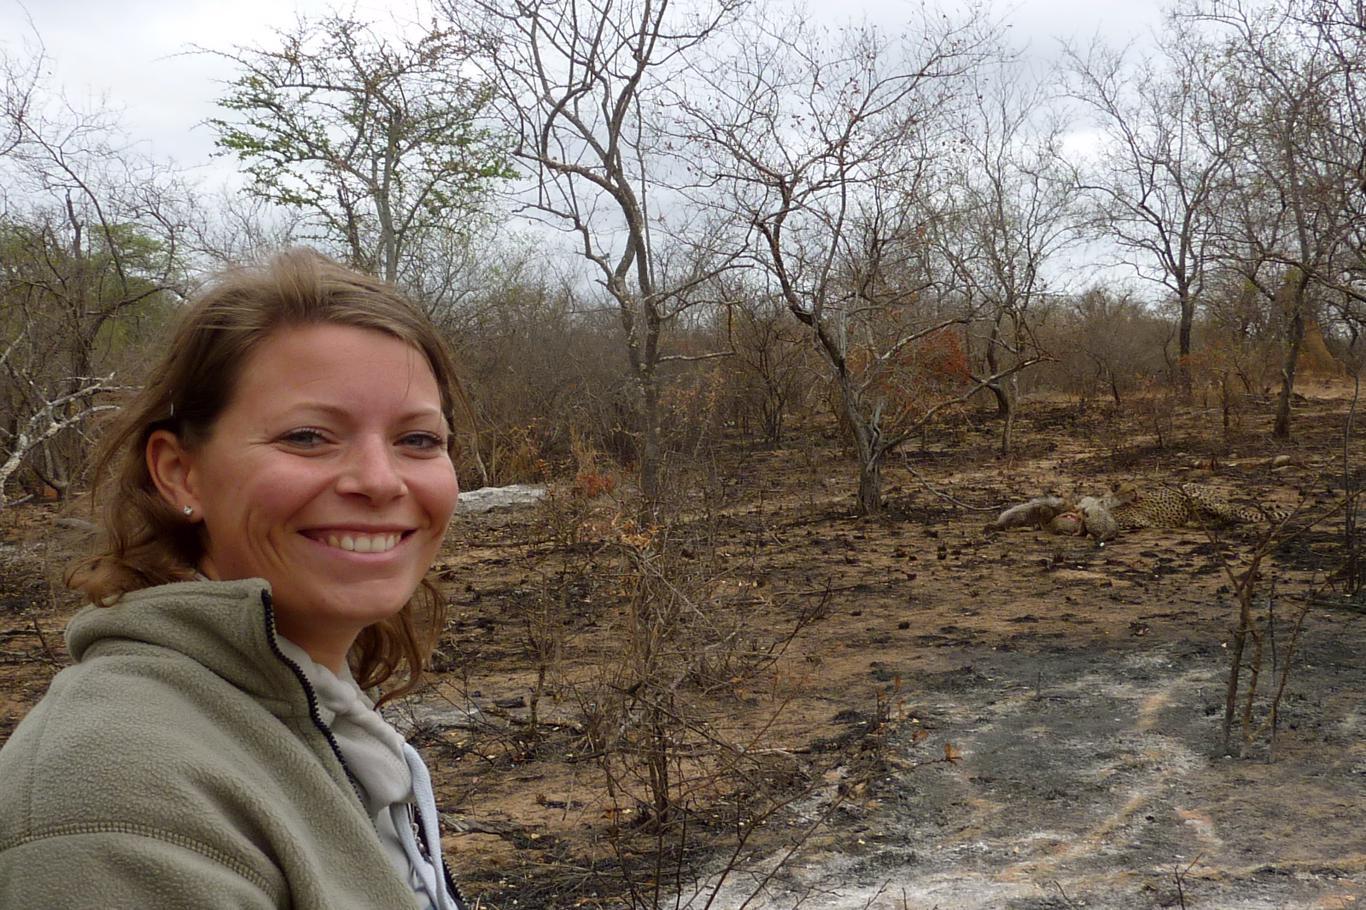 Rangercursussen: een unieke ervaring met bijzondere belevenissen, bijvoorbeeld etende cheetahs met welpjes op steenworp afstand!